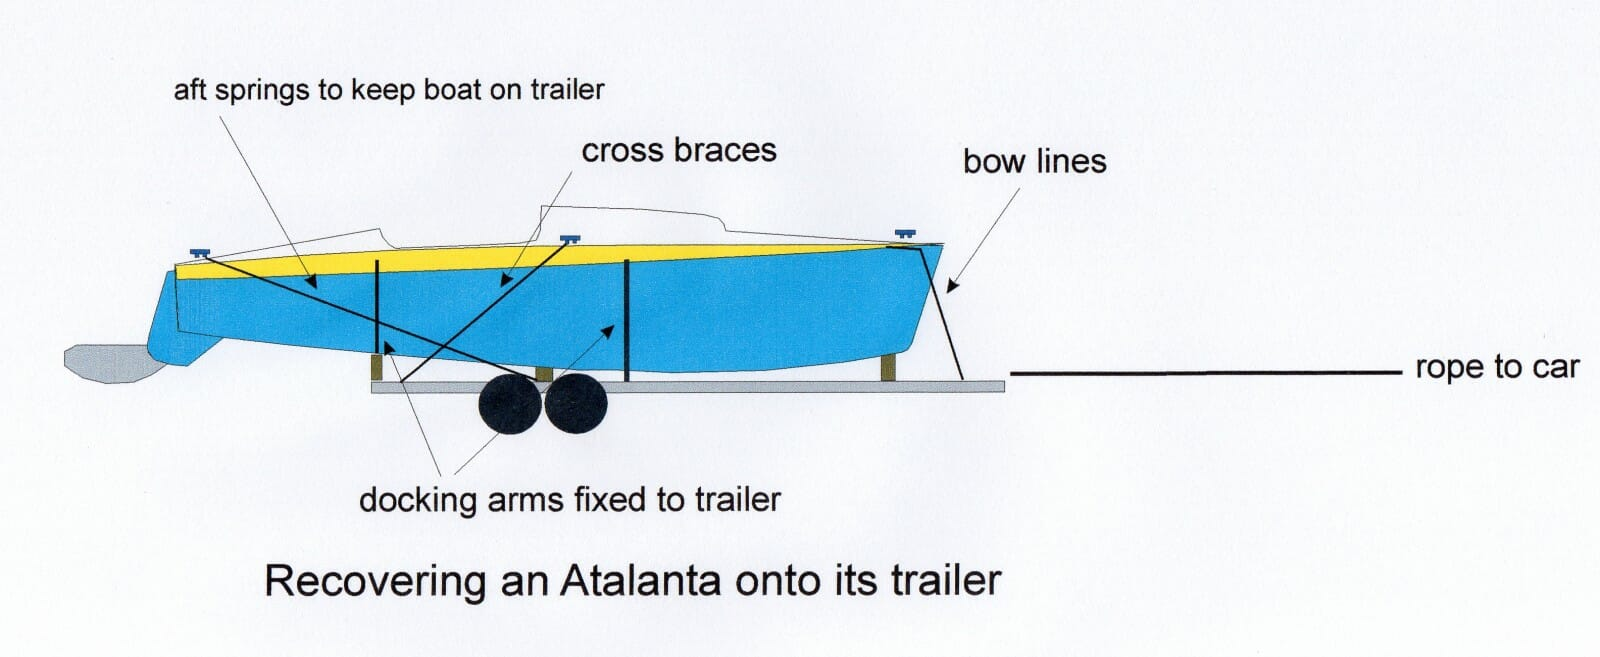 atalanta revovery to trailer